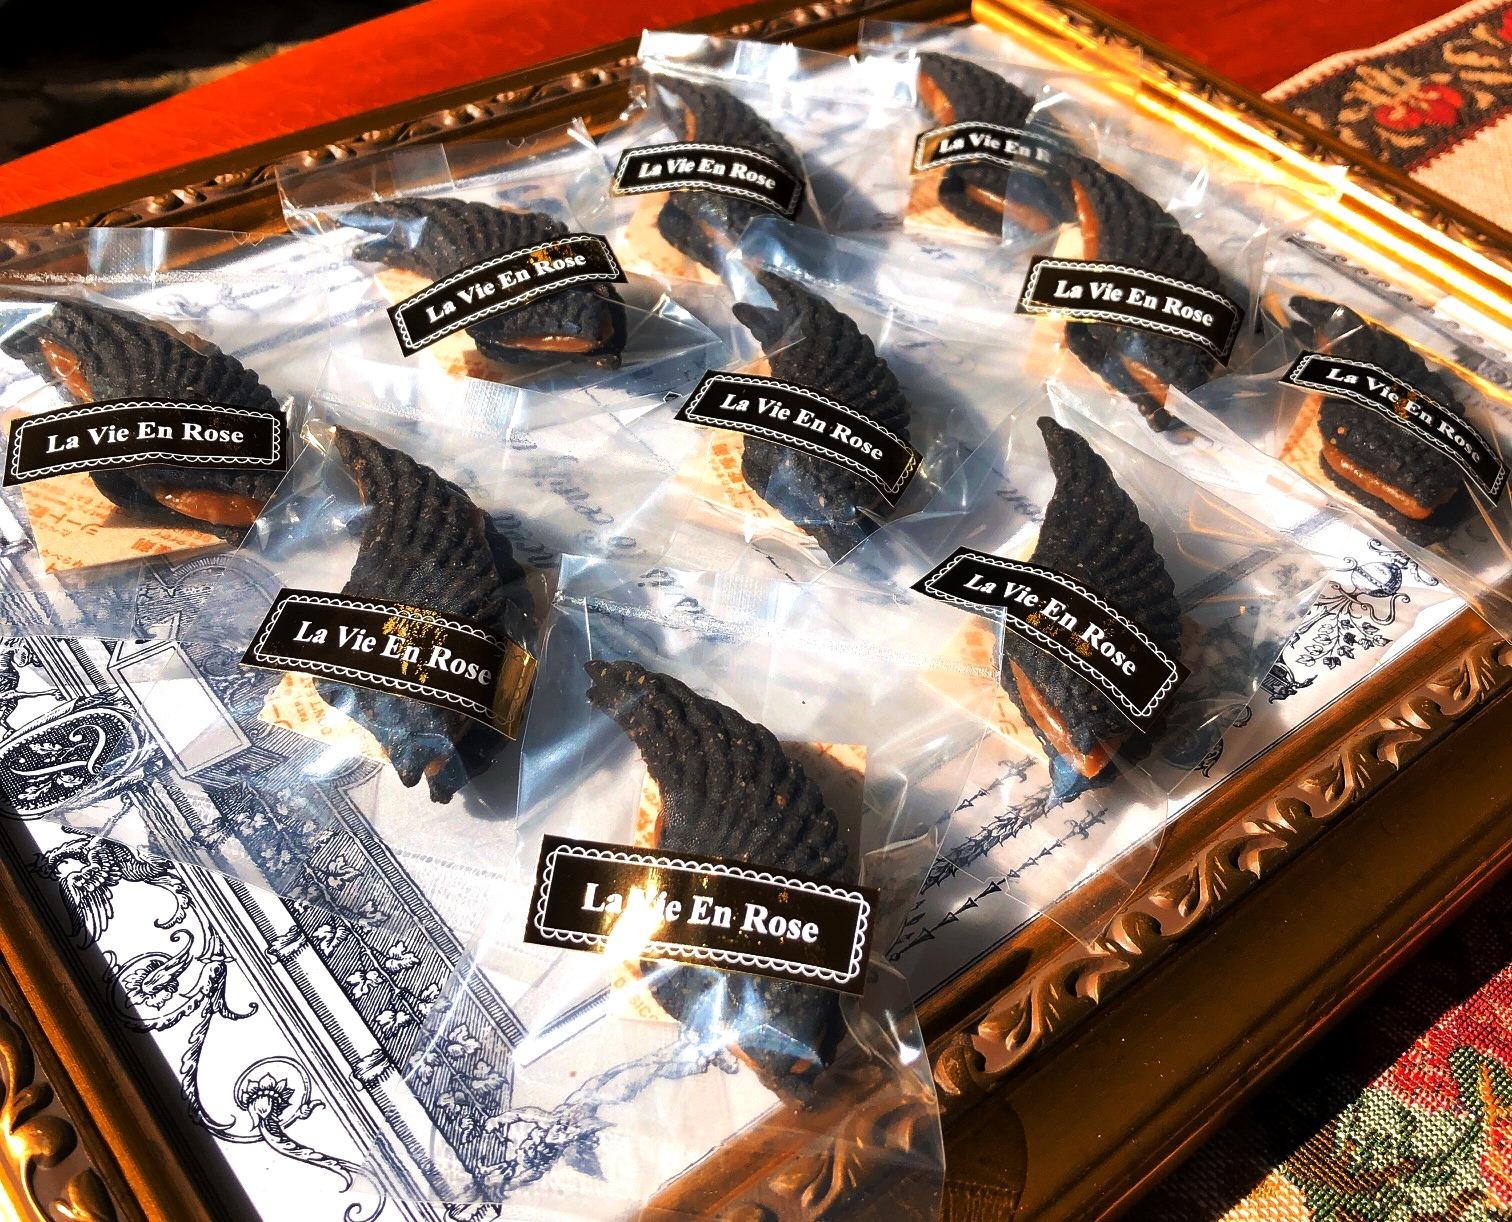 《本葛粉グルテンフリークッキー&キャラメル》 ラール ブル(青い時)